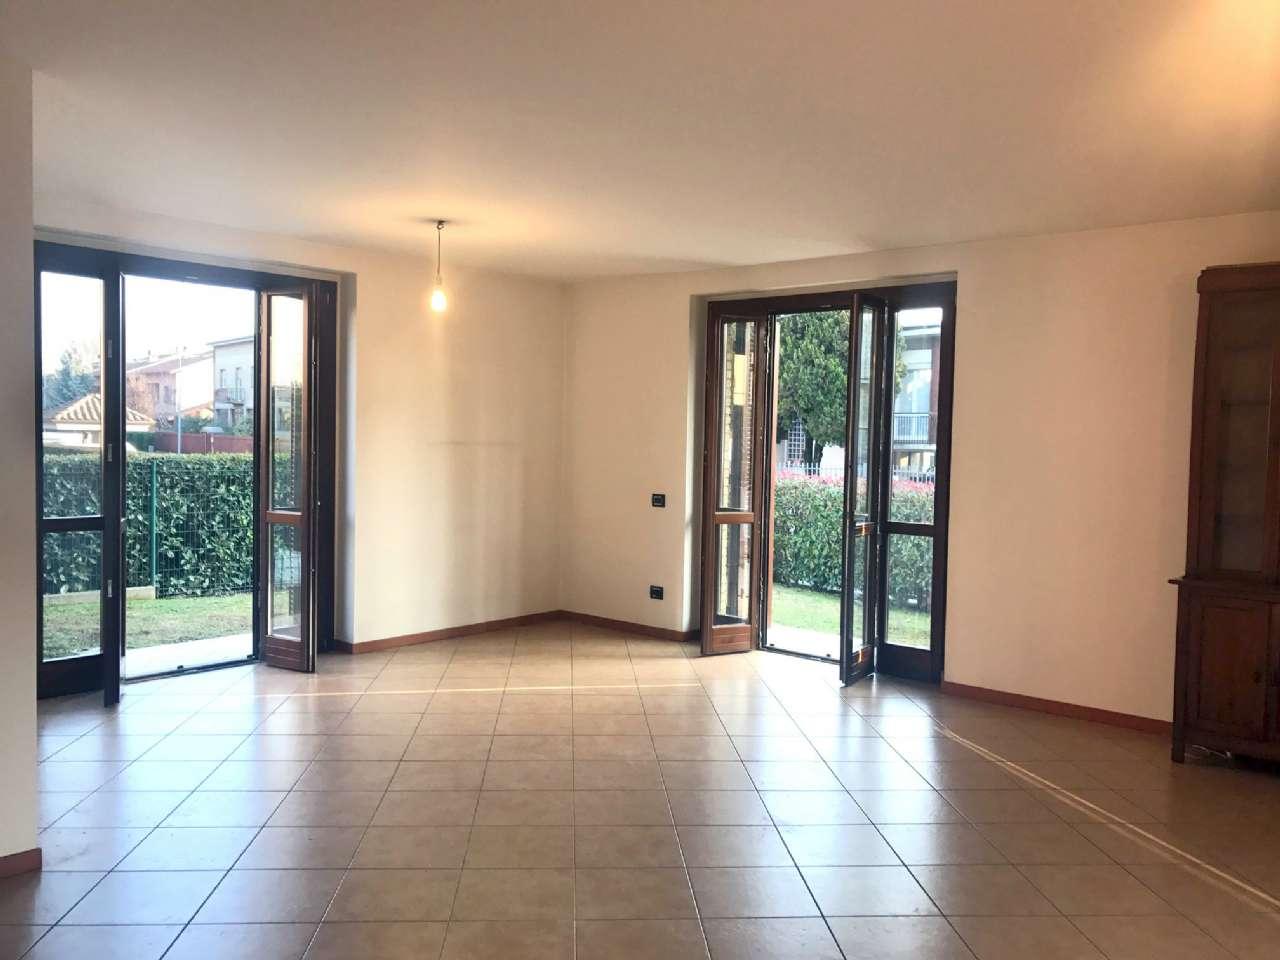 Villa in vendita a Meda, 6 locali, prezzo € 475.000 | Cambio Casa.it